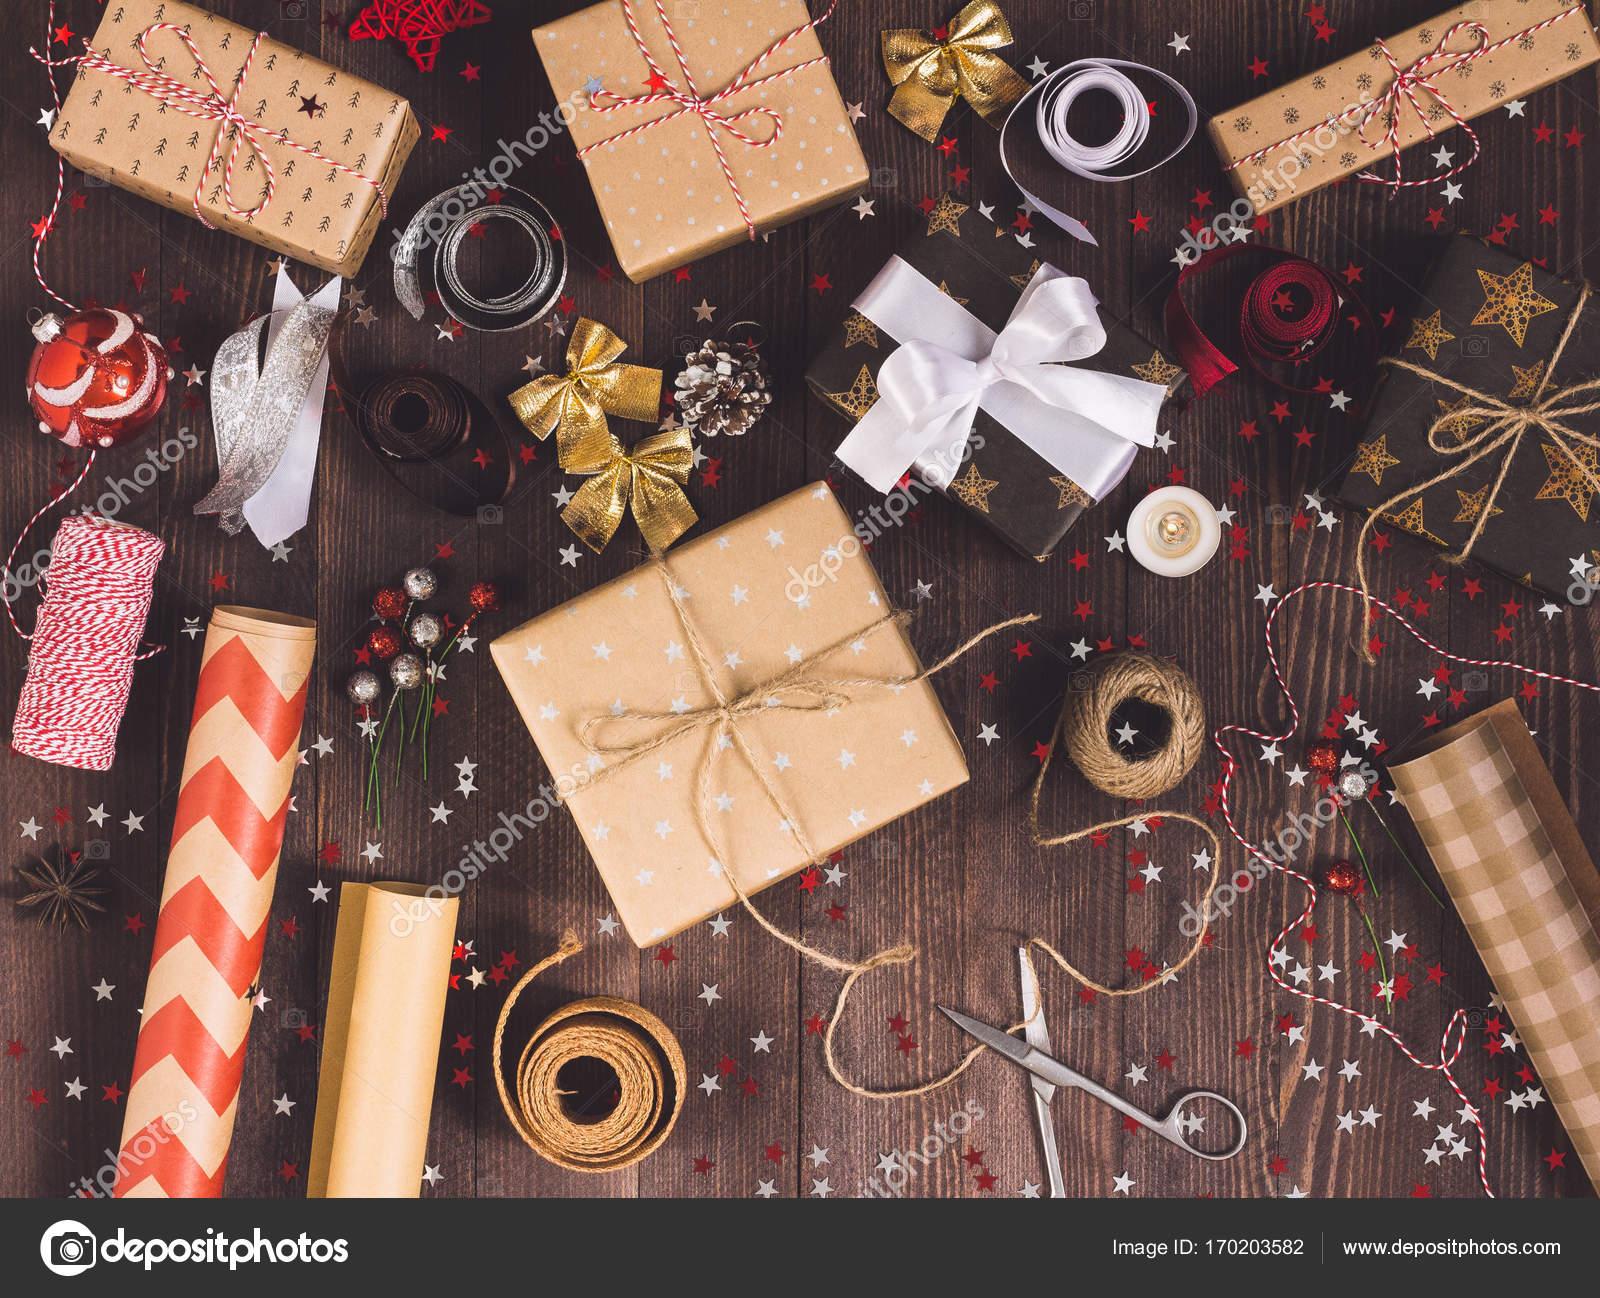 Verpacken Sie Weihnachten Geschenk Neujahr Weihnachten Verpackung ...